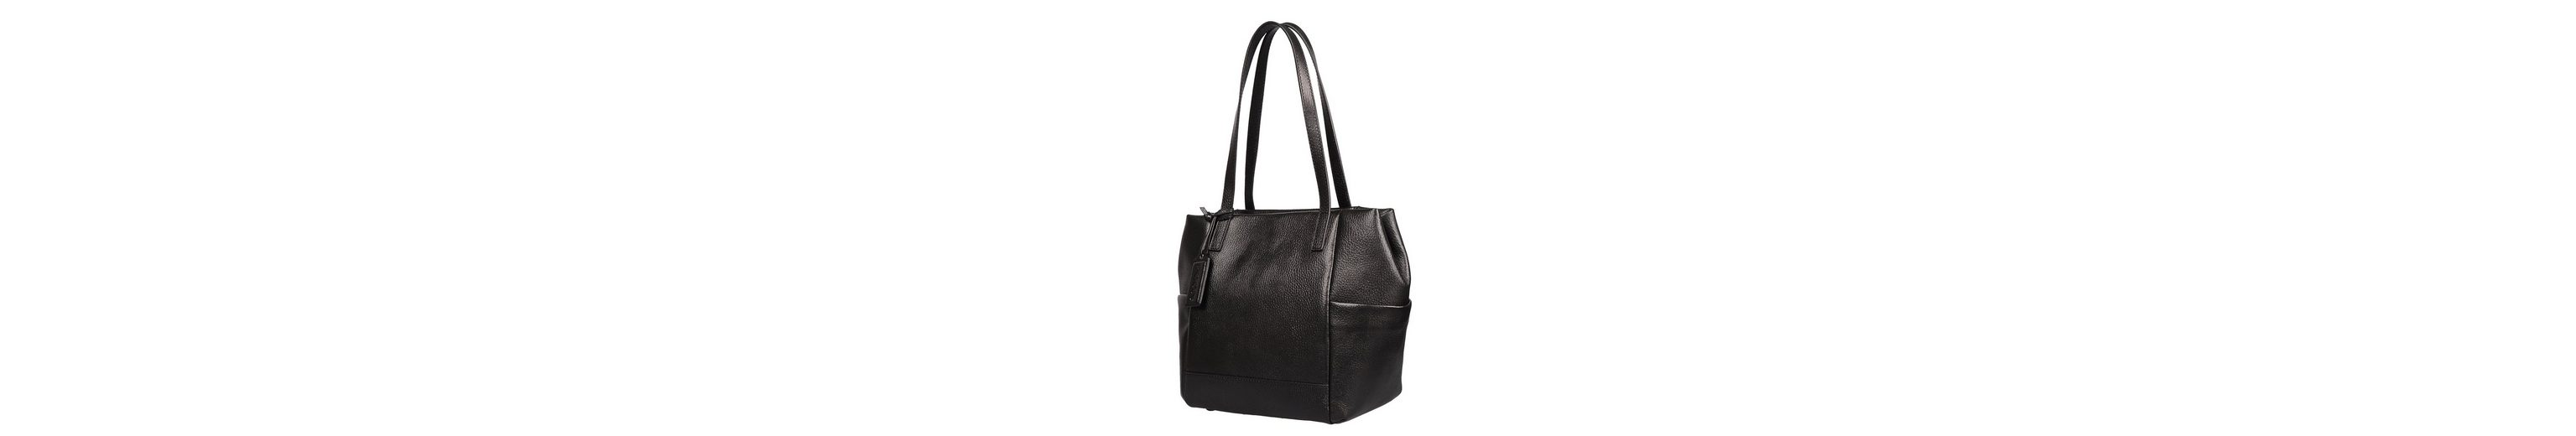 POON Switzerland Handtasche aus Crispy-Ziegenleder Neue Stile Zu Verkaufen Bilder Günstiger Preis Großhandelspreis Verkauf Online Idb7MgPm